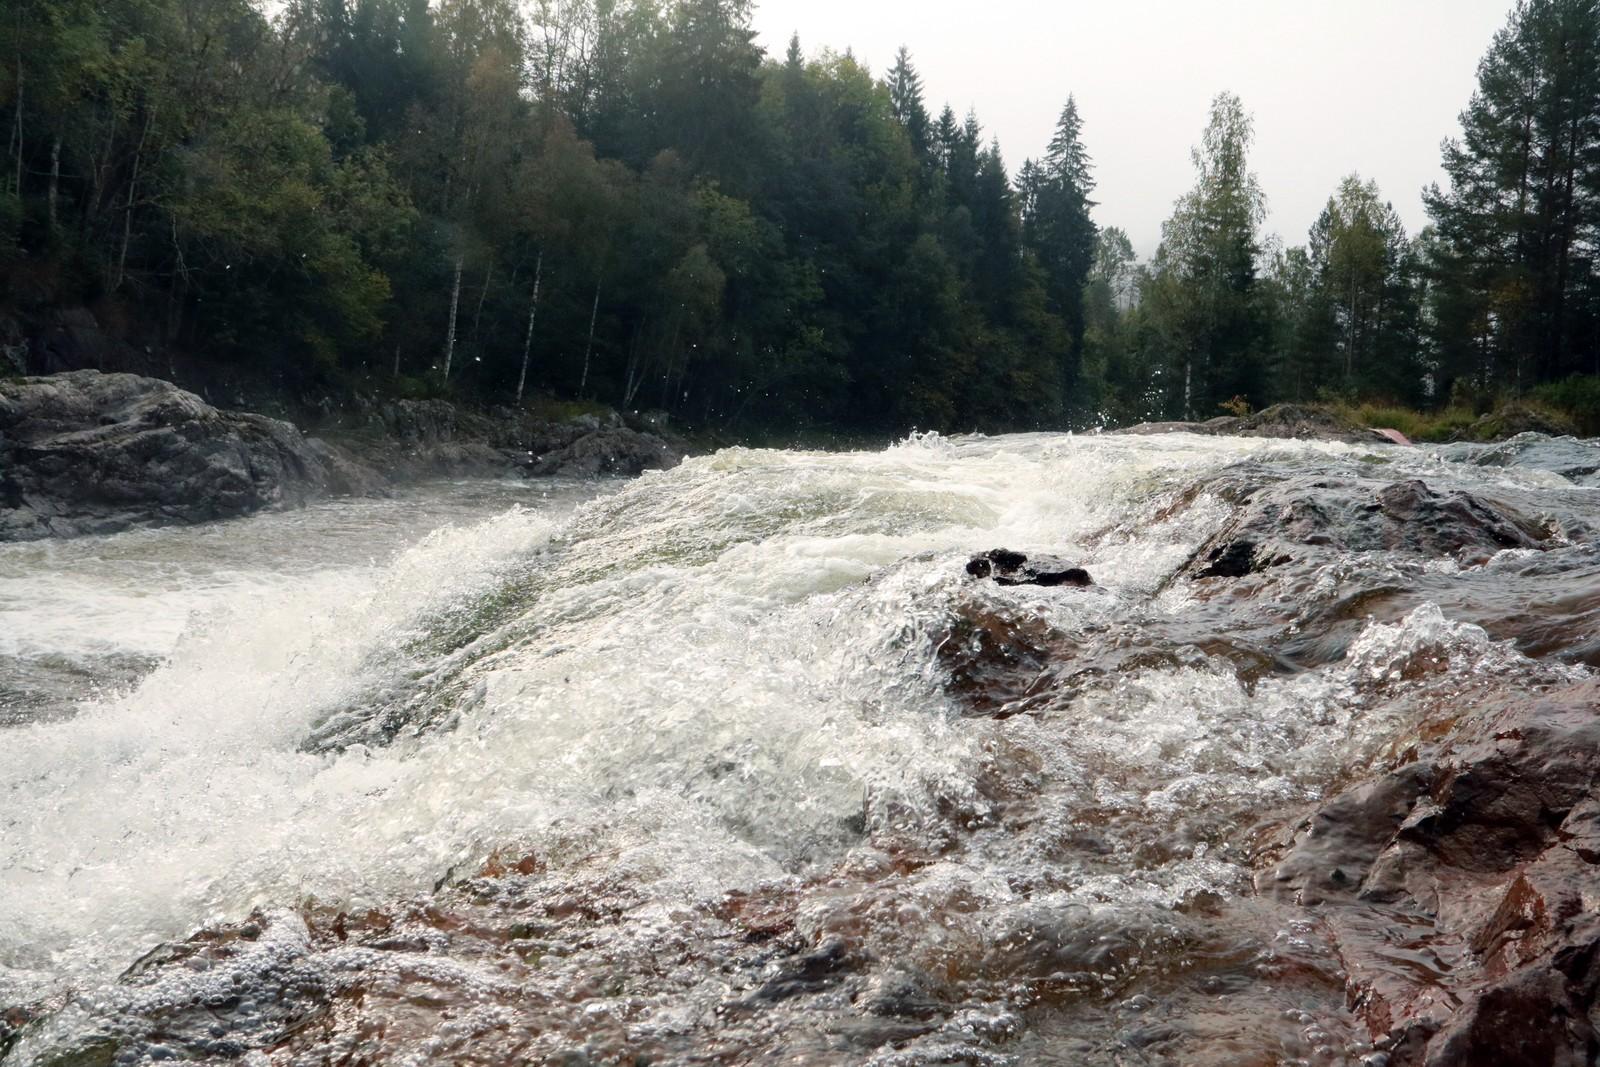 GODT FISKE: Det er fanget 22 tonn laks totalt i Numedalslågen hittil i år, opplyser Ole Petter Skjerven i Kjærra Laxefiske.